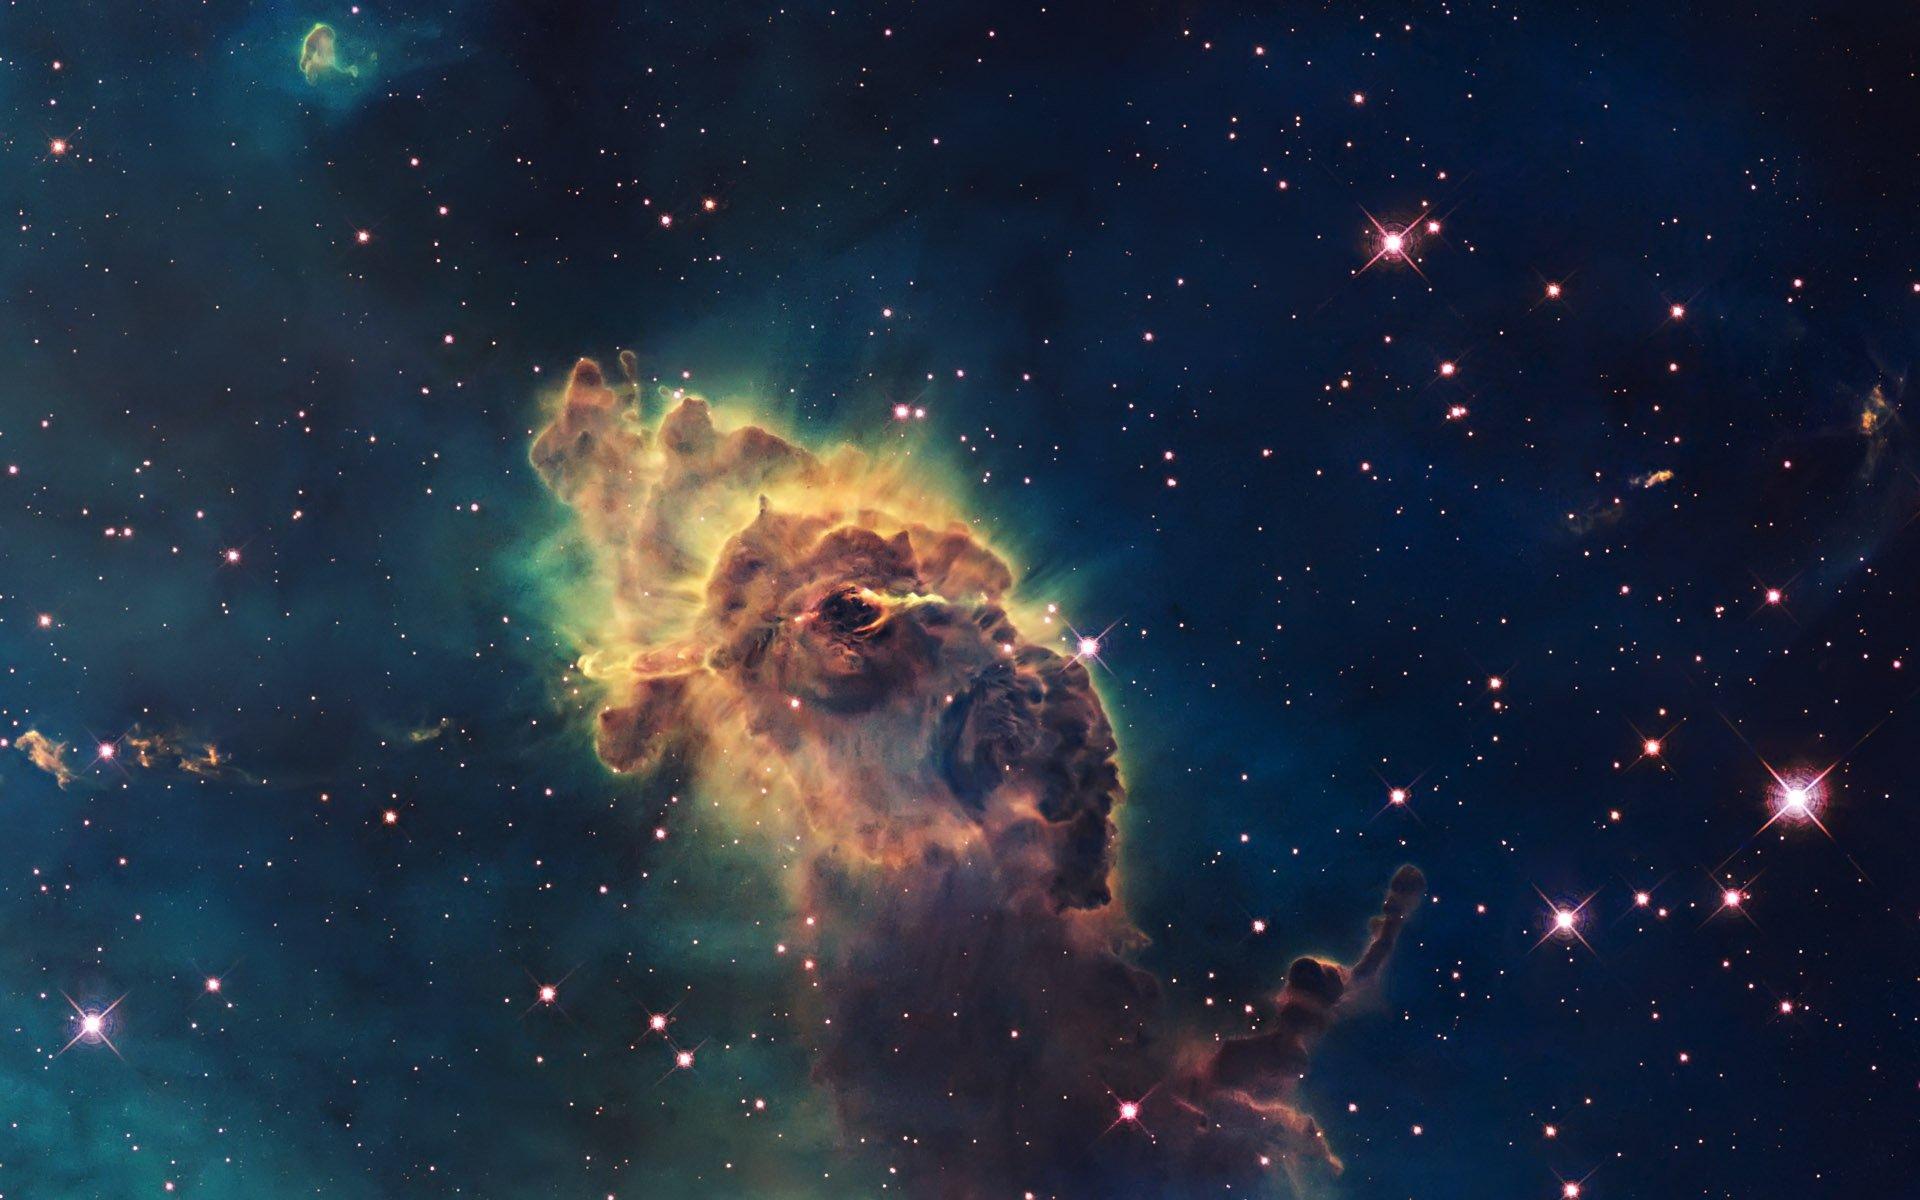 დედამიწაზე სიცოცხლე შეიძლება კოსმოსურმა მტვერმა მოიტანა, სხვა პლანეტებიდან